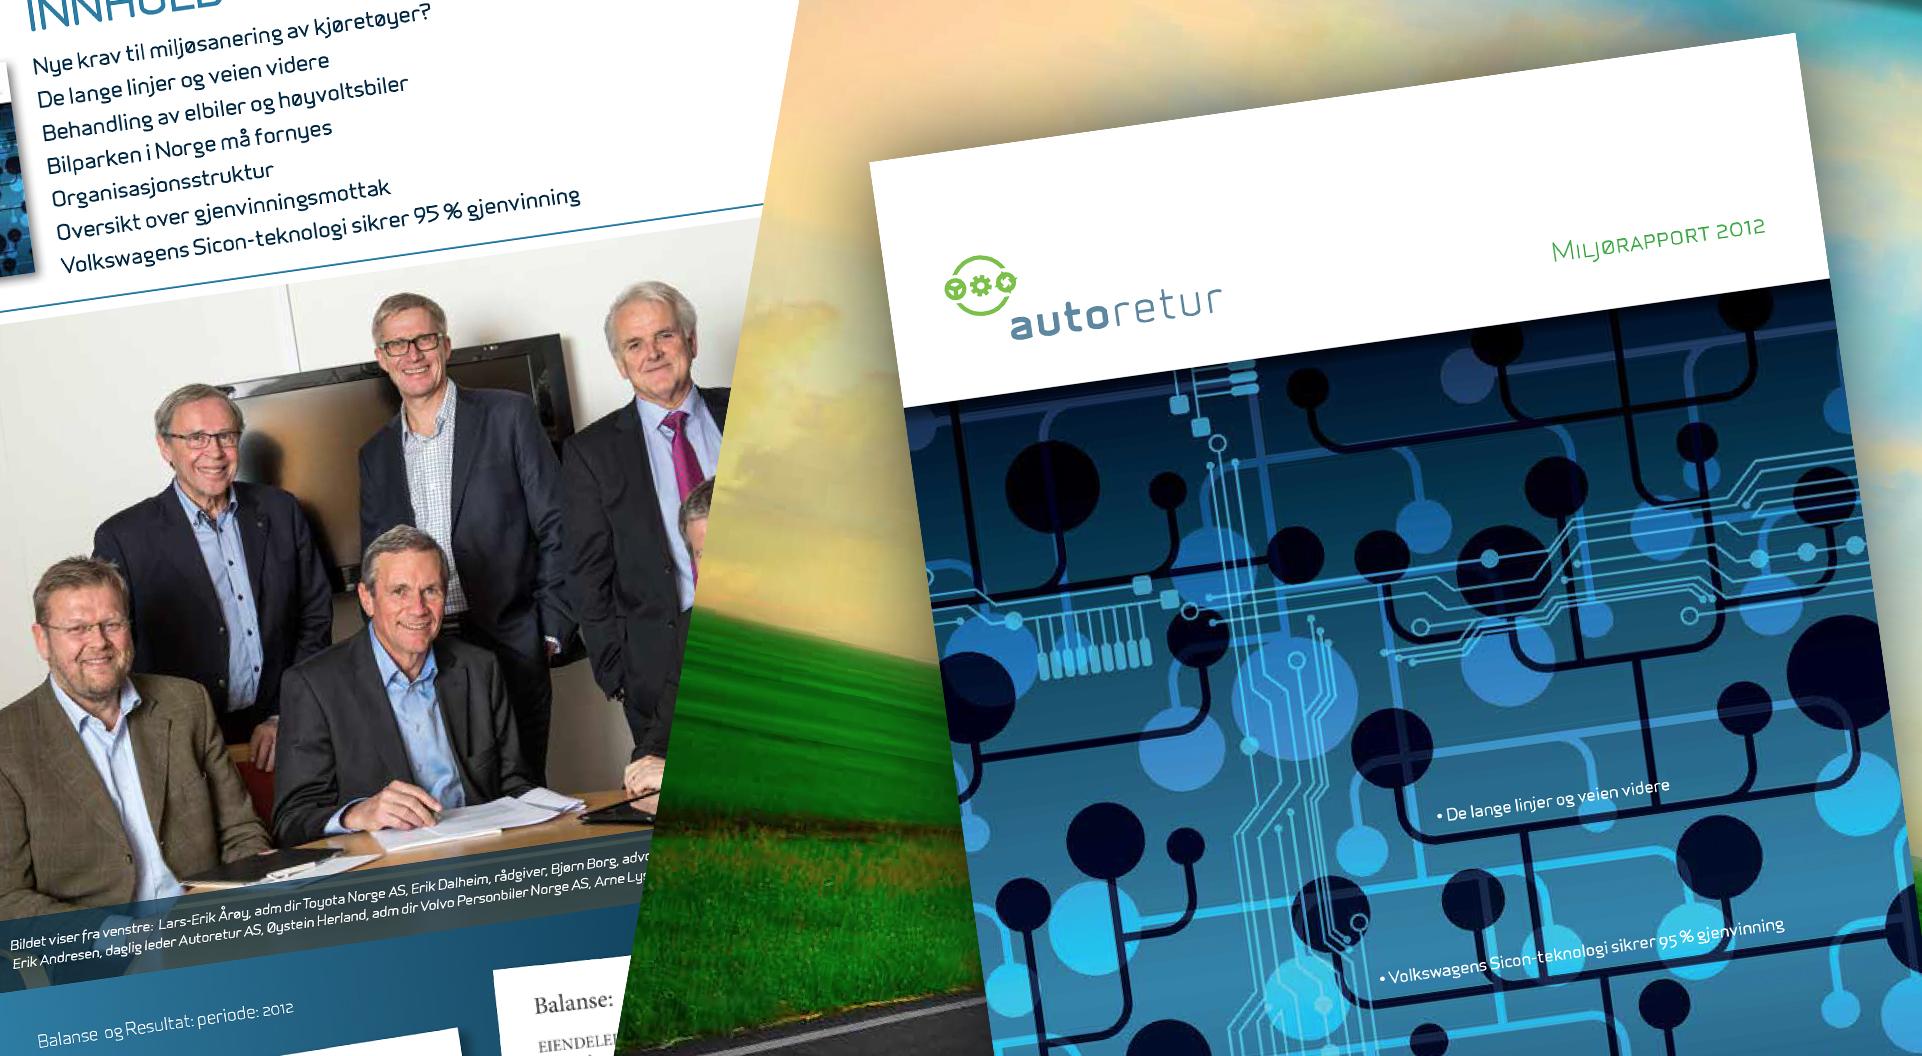 Miljørapport 2012